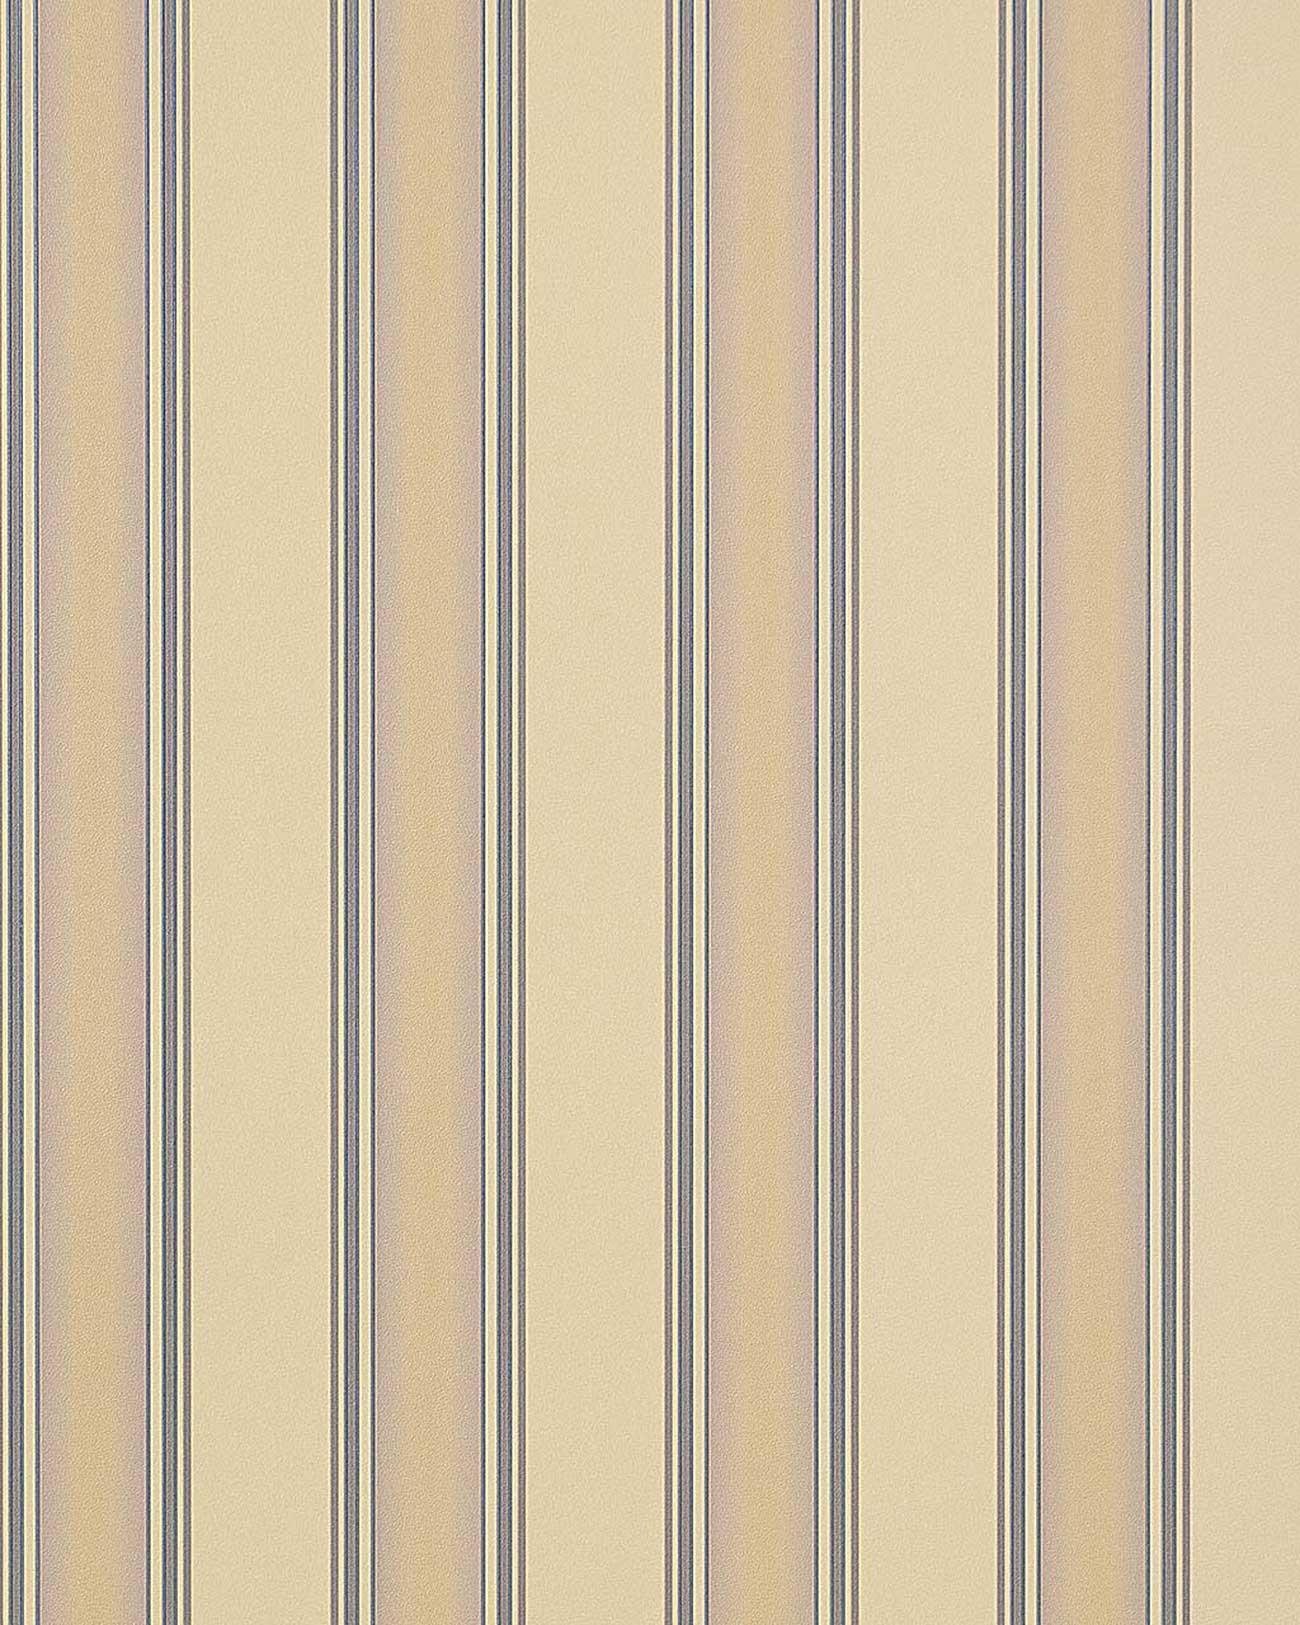 Carta da parati goffrata edem 827 23 a righe barocco for Carta da parati beige